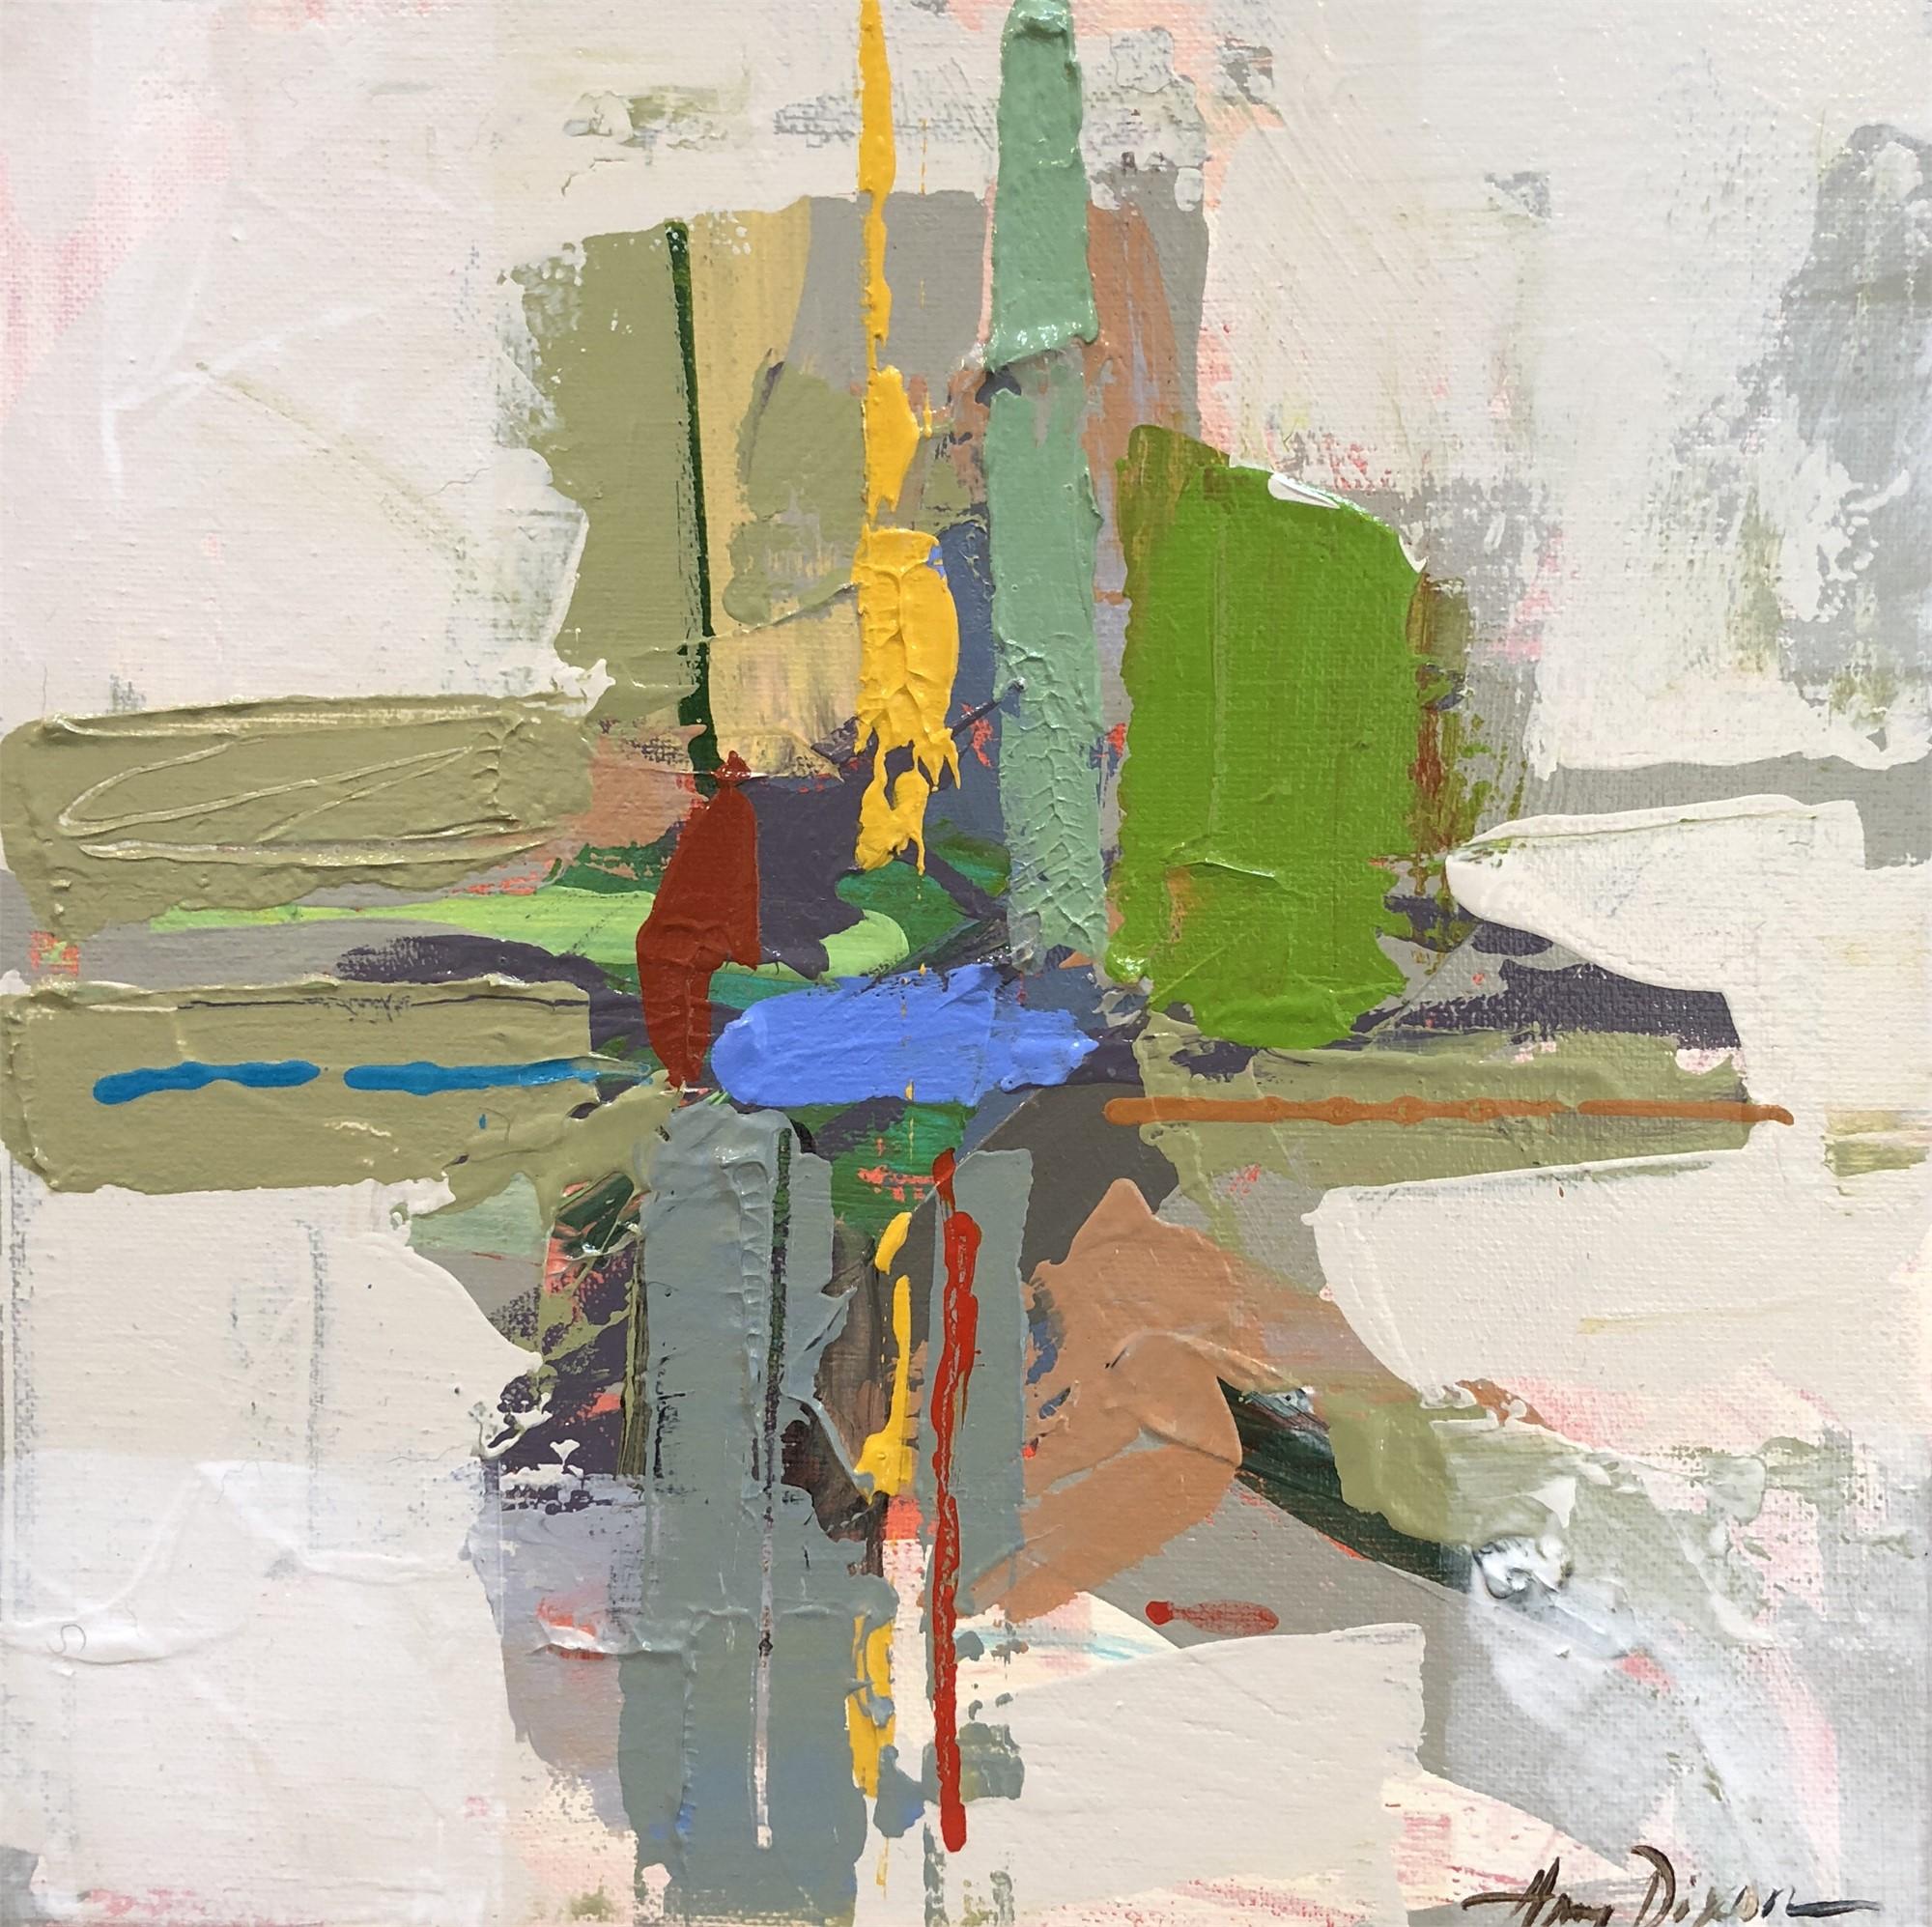 Faith III by Amy Dixon